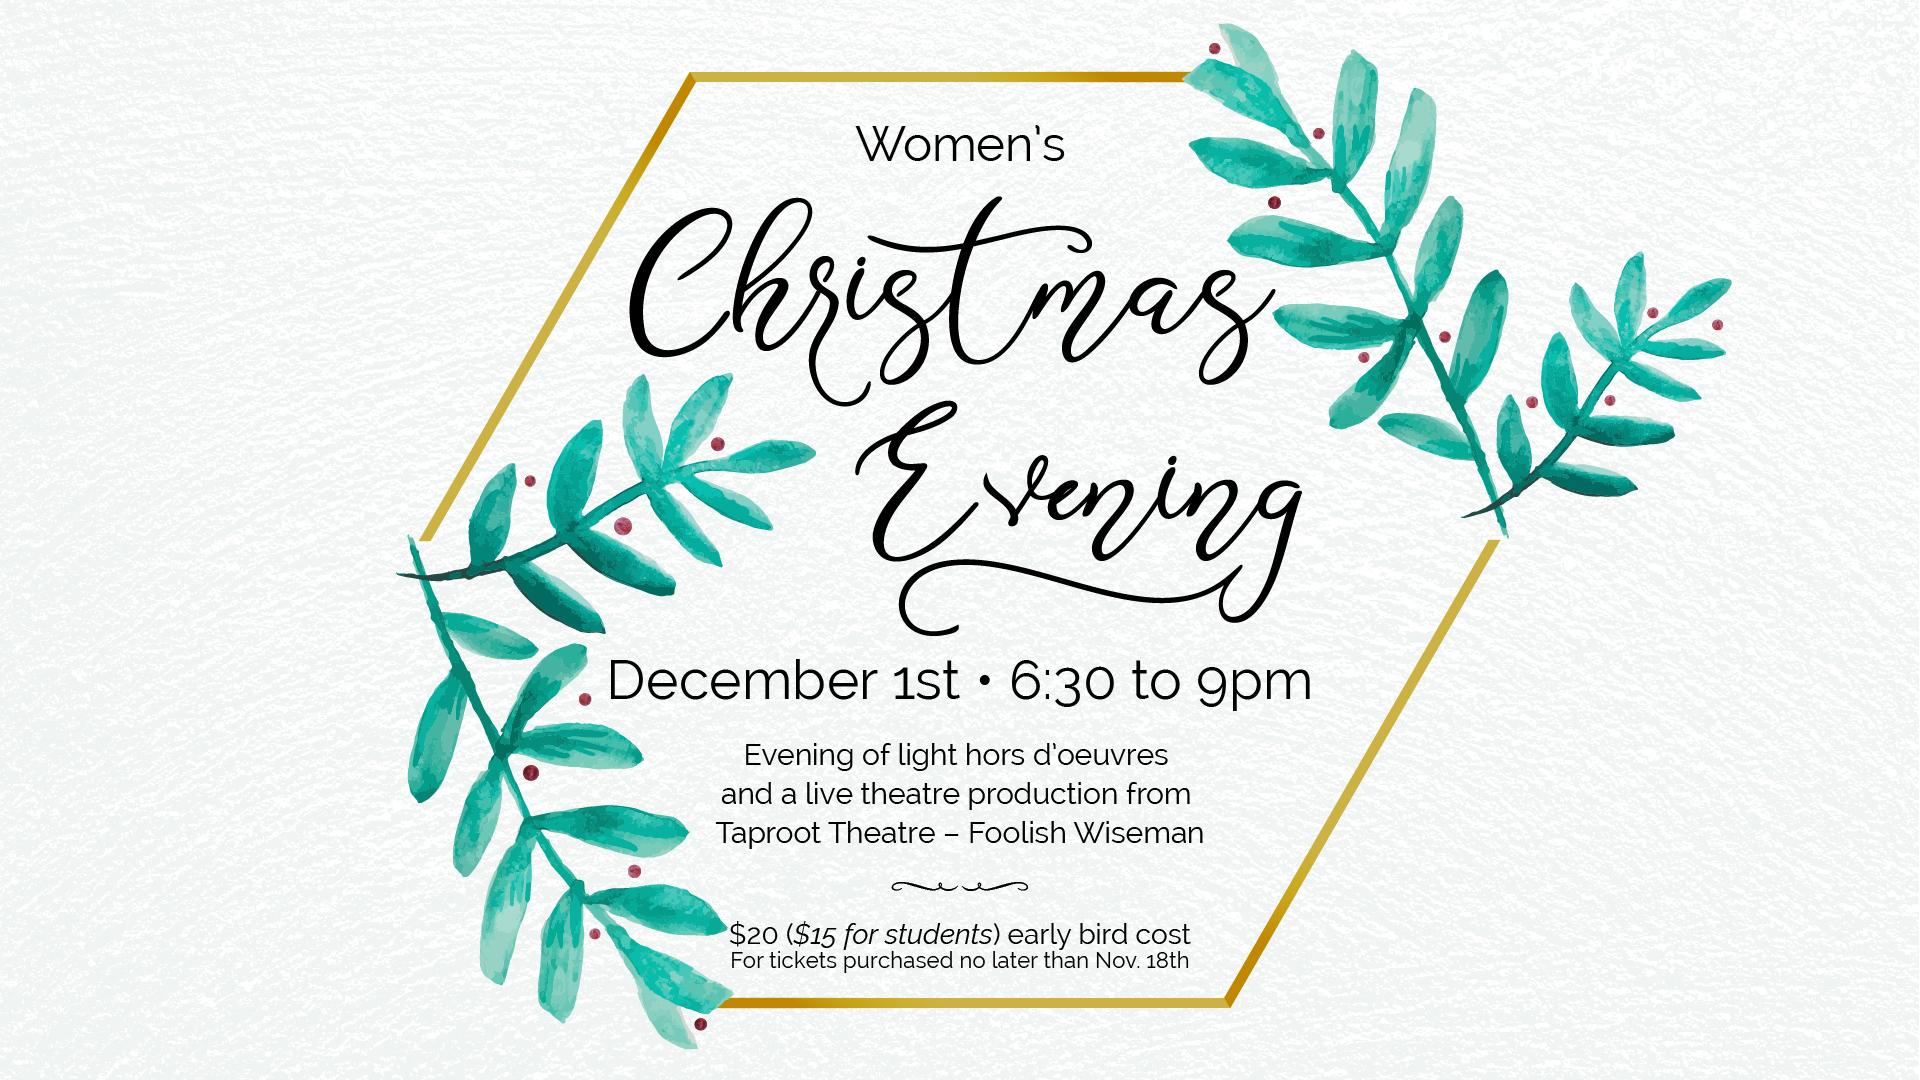 Women's Christmas Evening Slide 2018.jpg